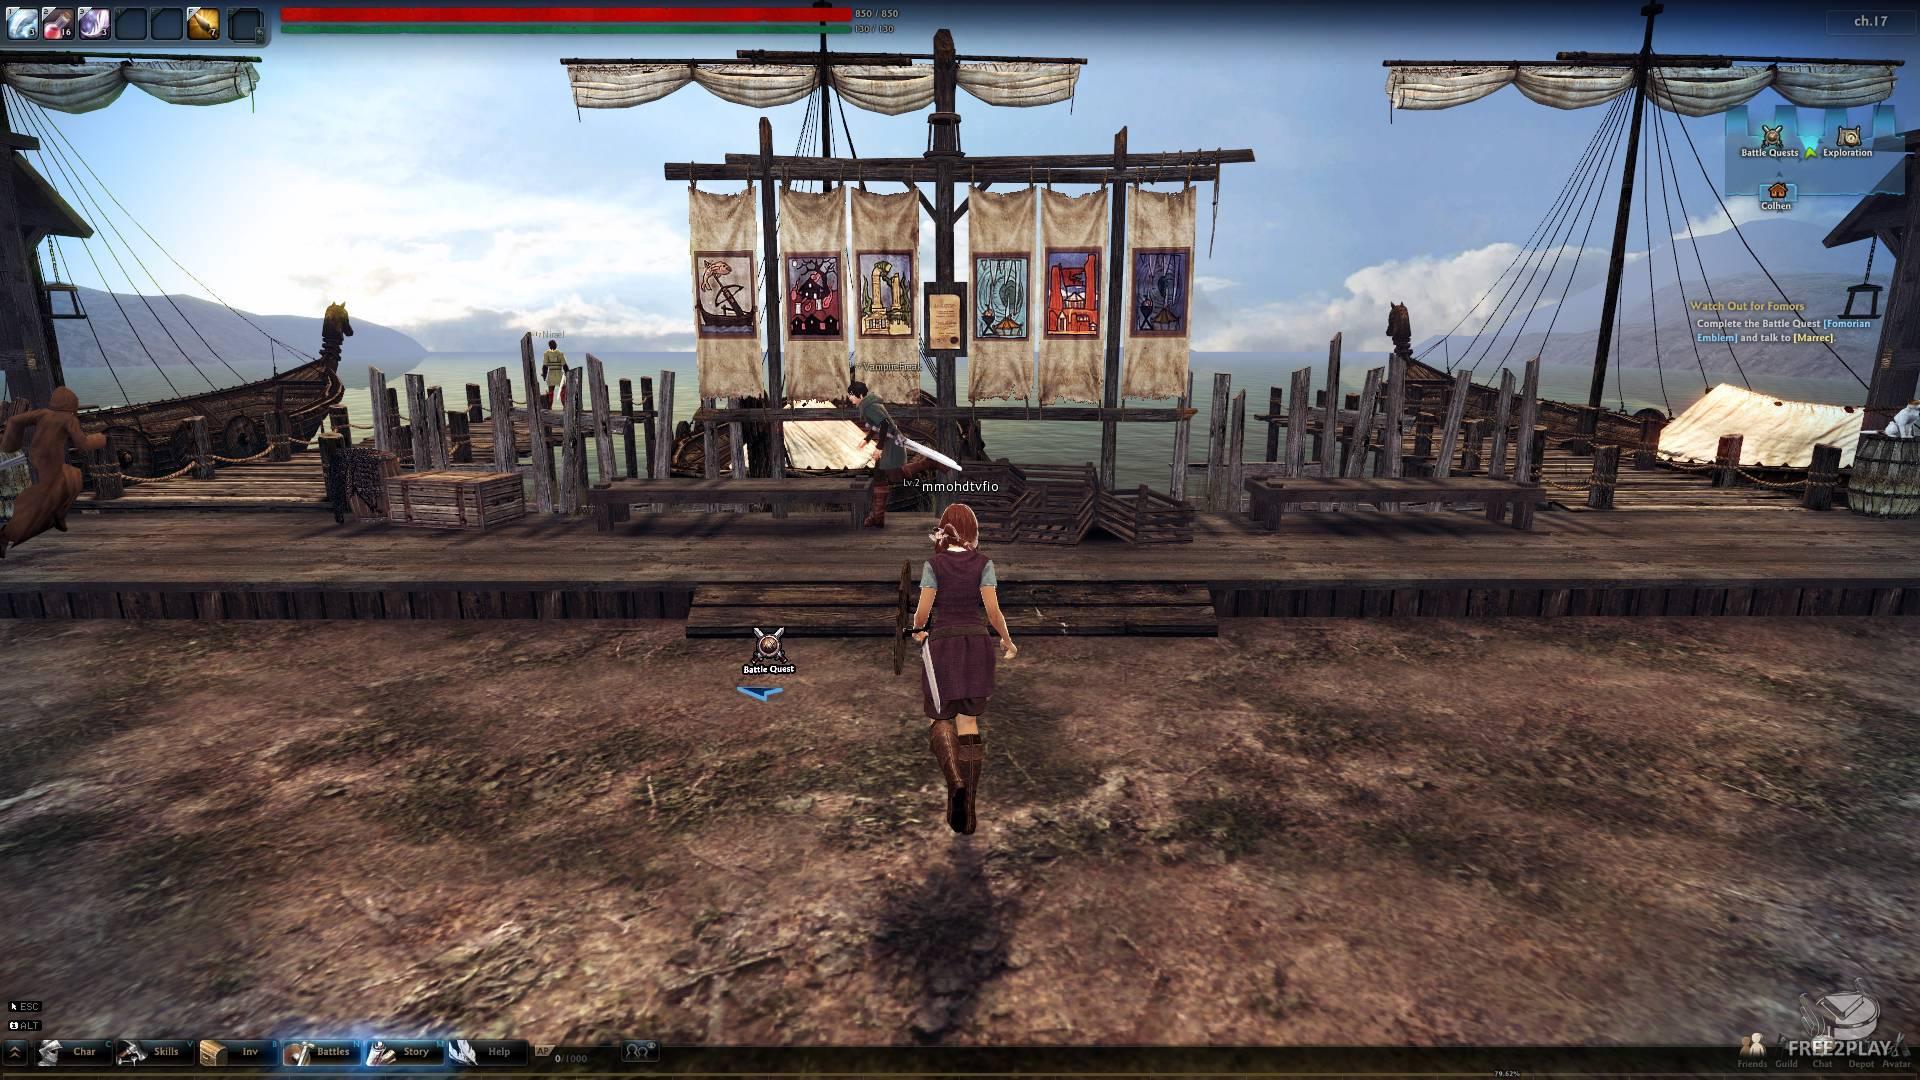 Telecharger jeux mobile samsung star wifi gratuit